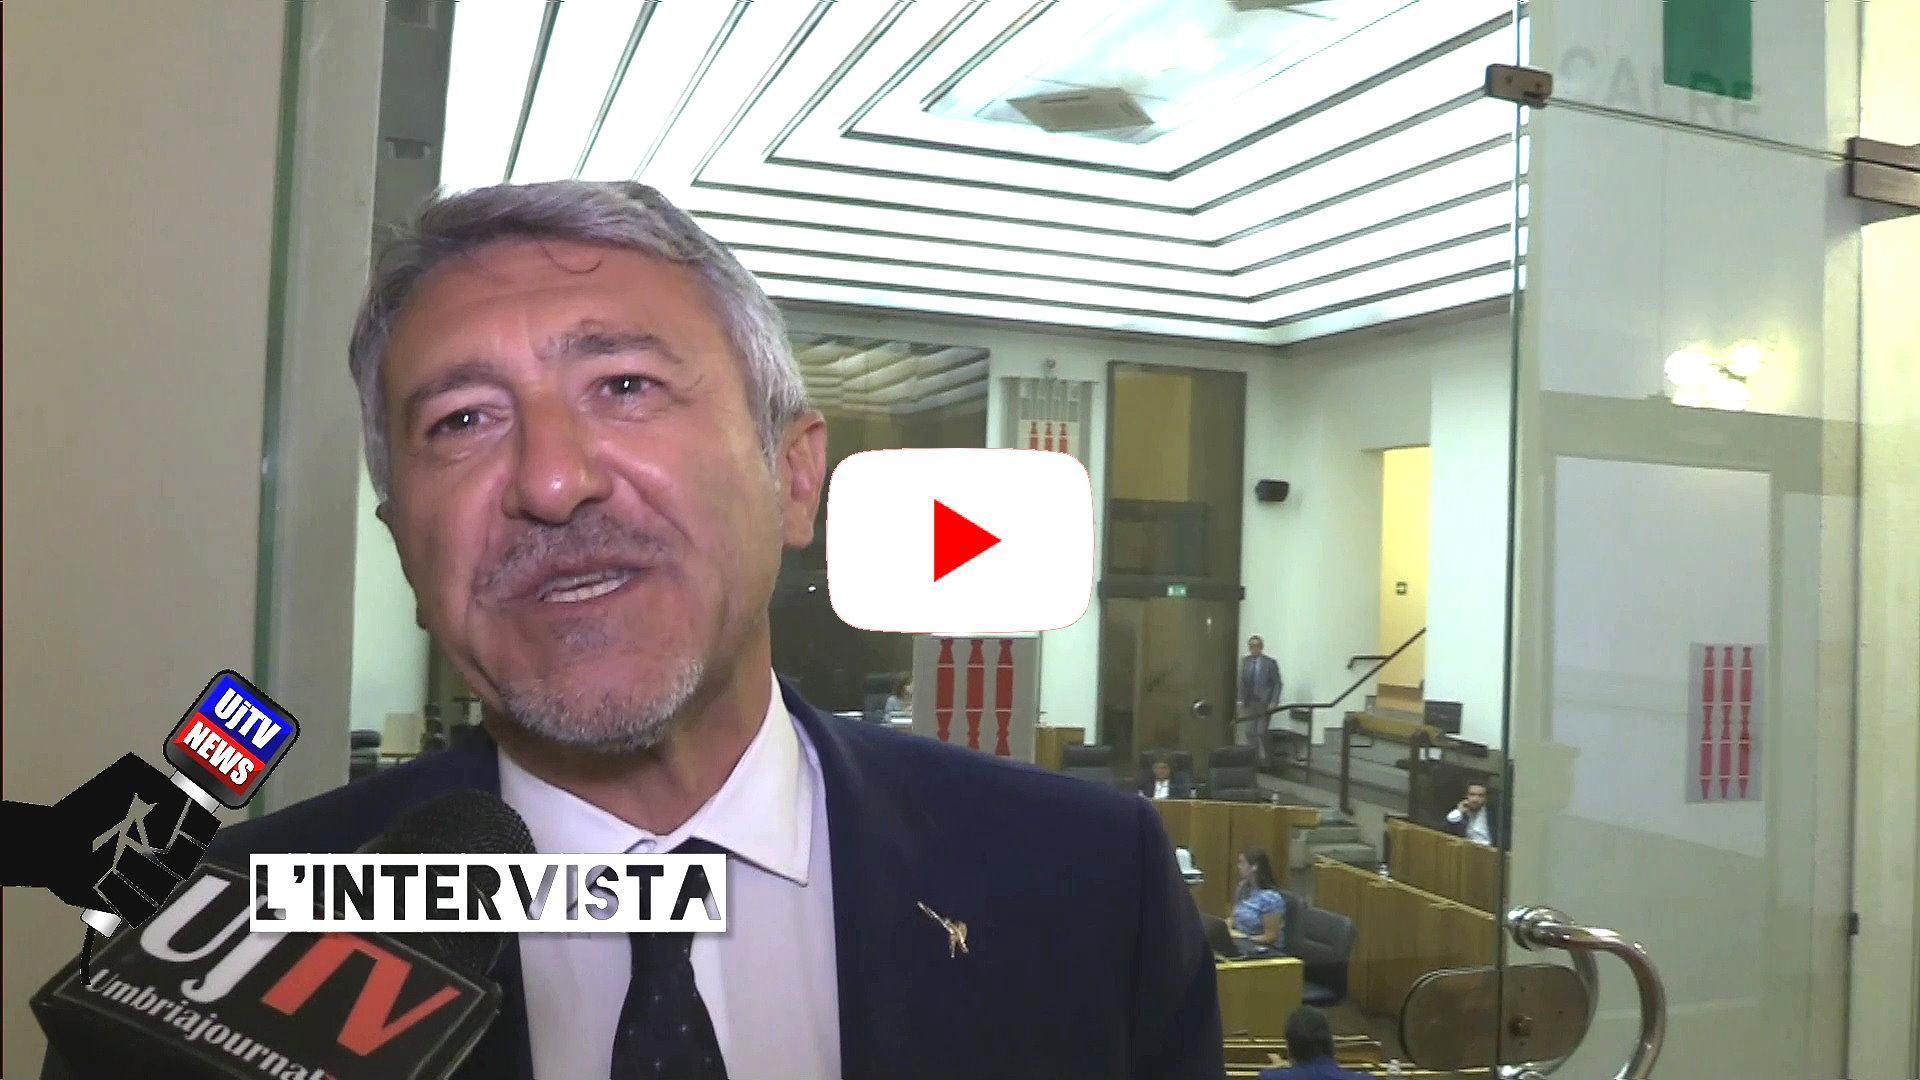 Intervista con Valerio Mancini, Lega, nostro impegno massimo per vincere queste elezioni